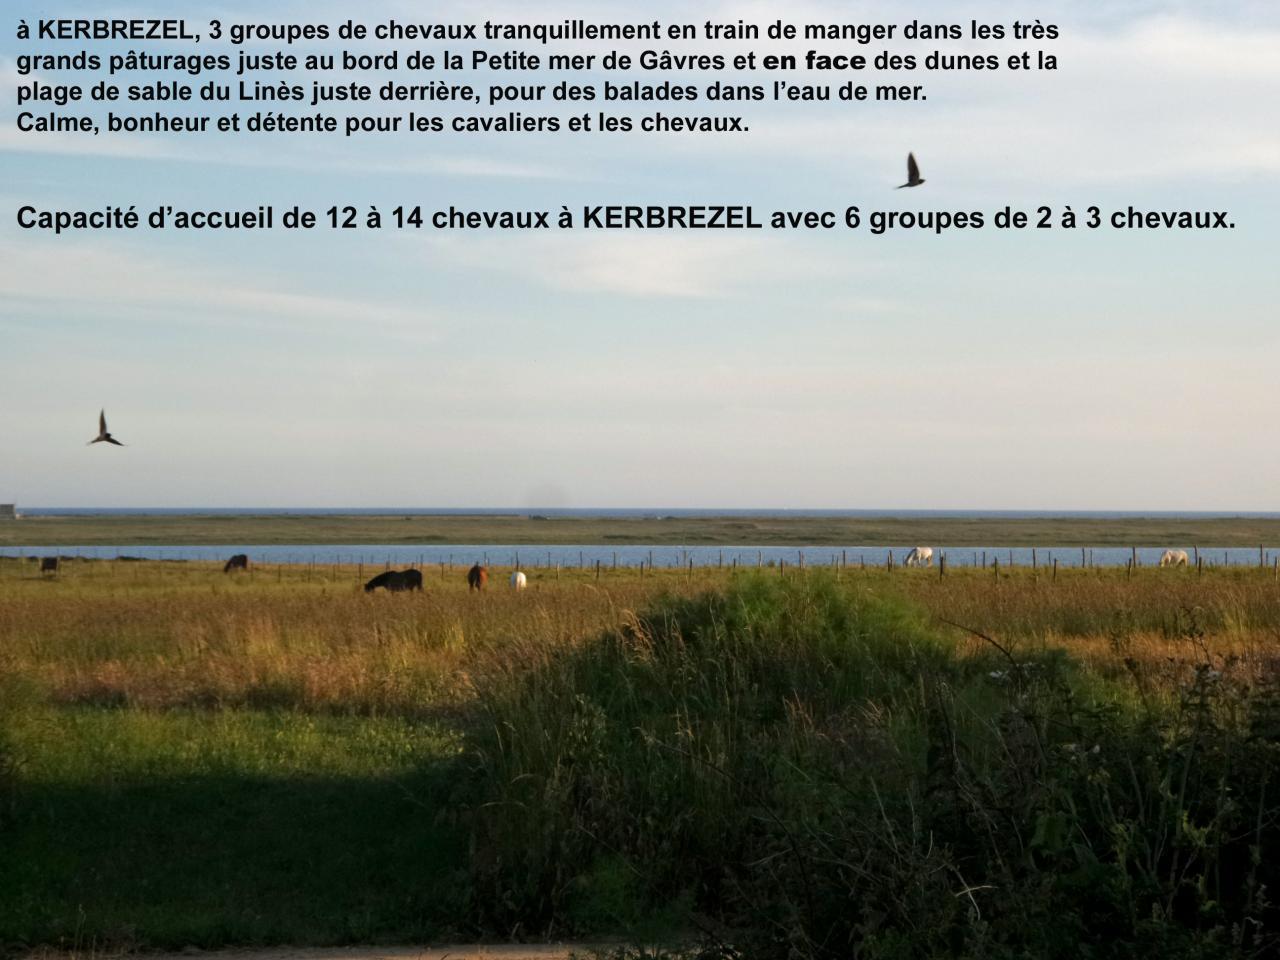 Chevaux à Kerbrézel au calme au bord de la Petite mer de Gâvres en juillet